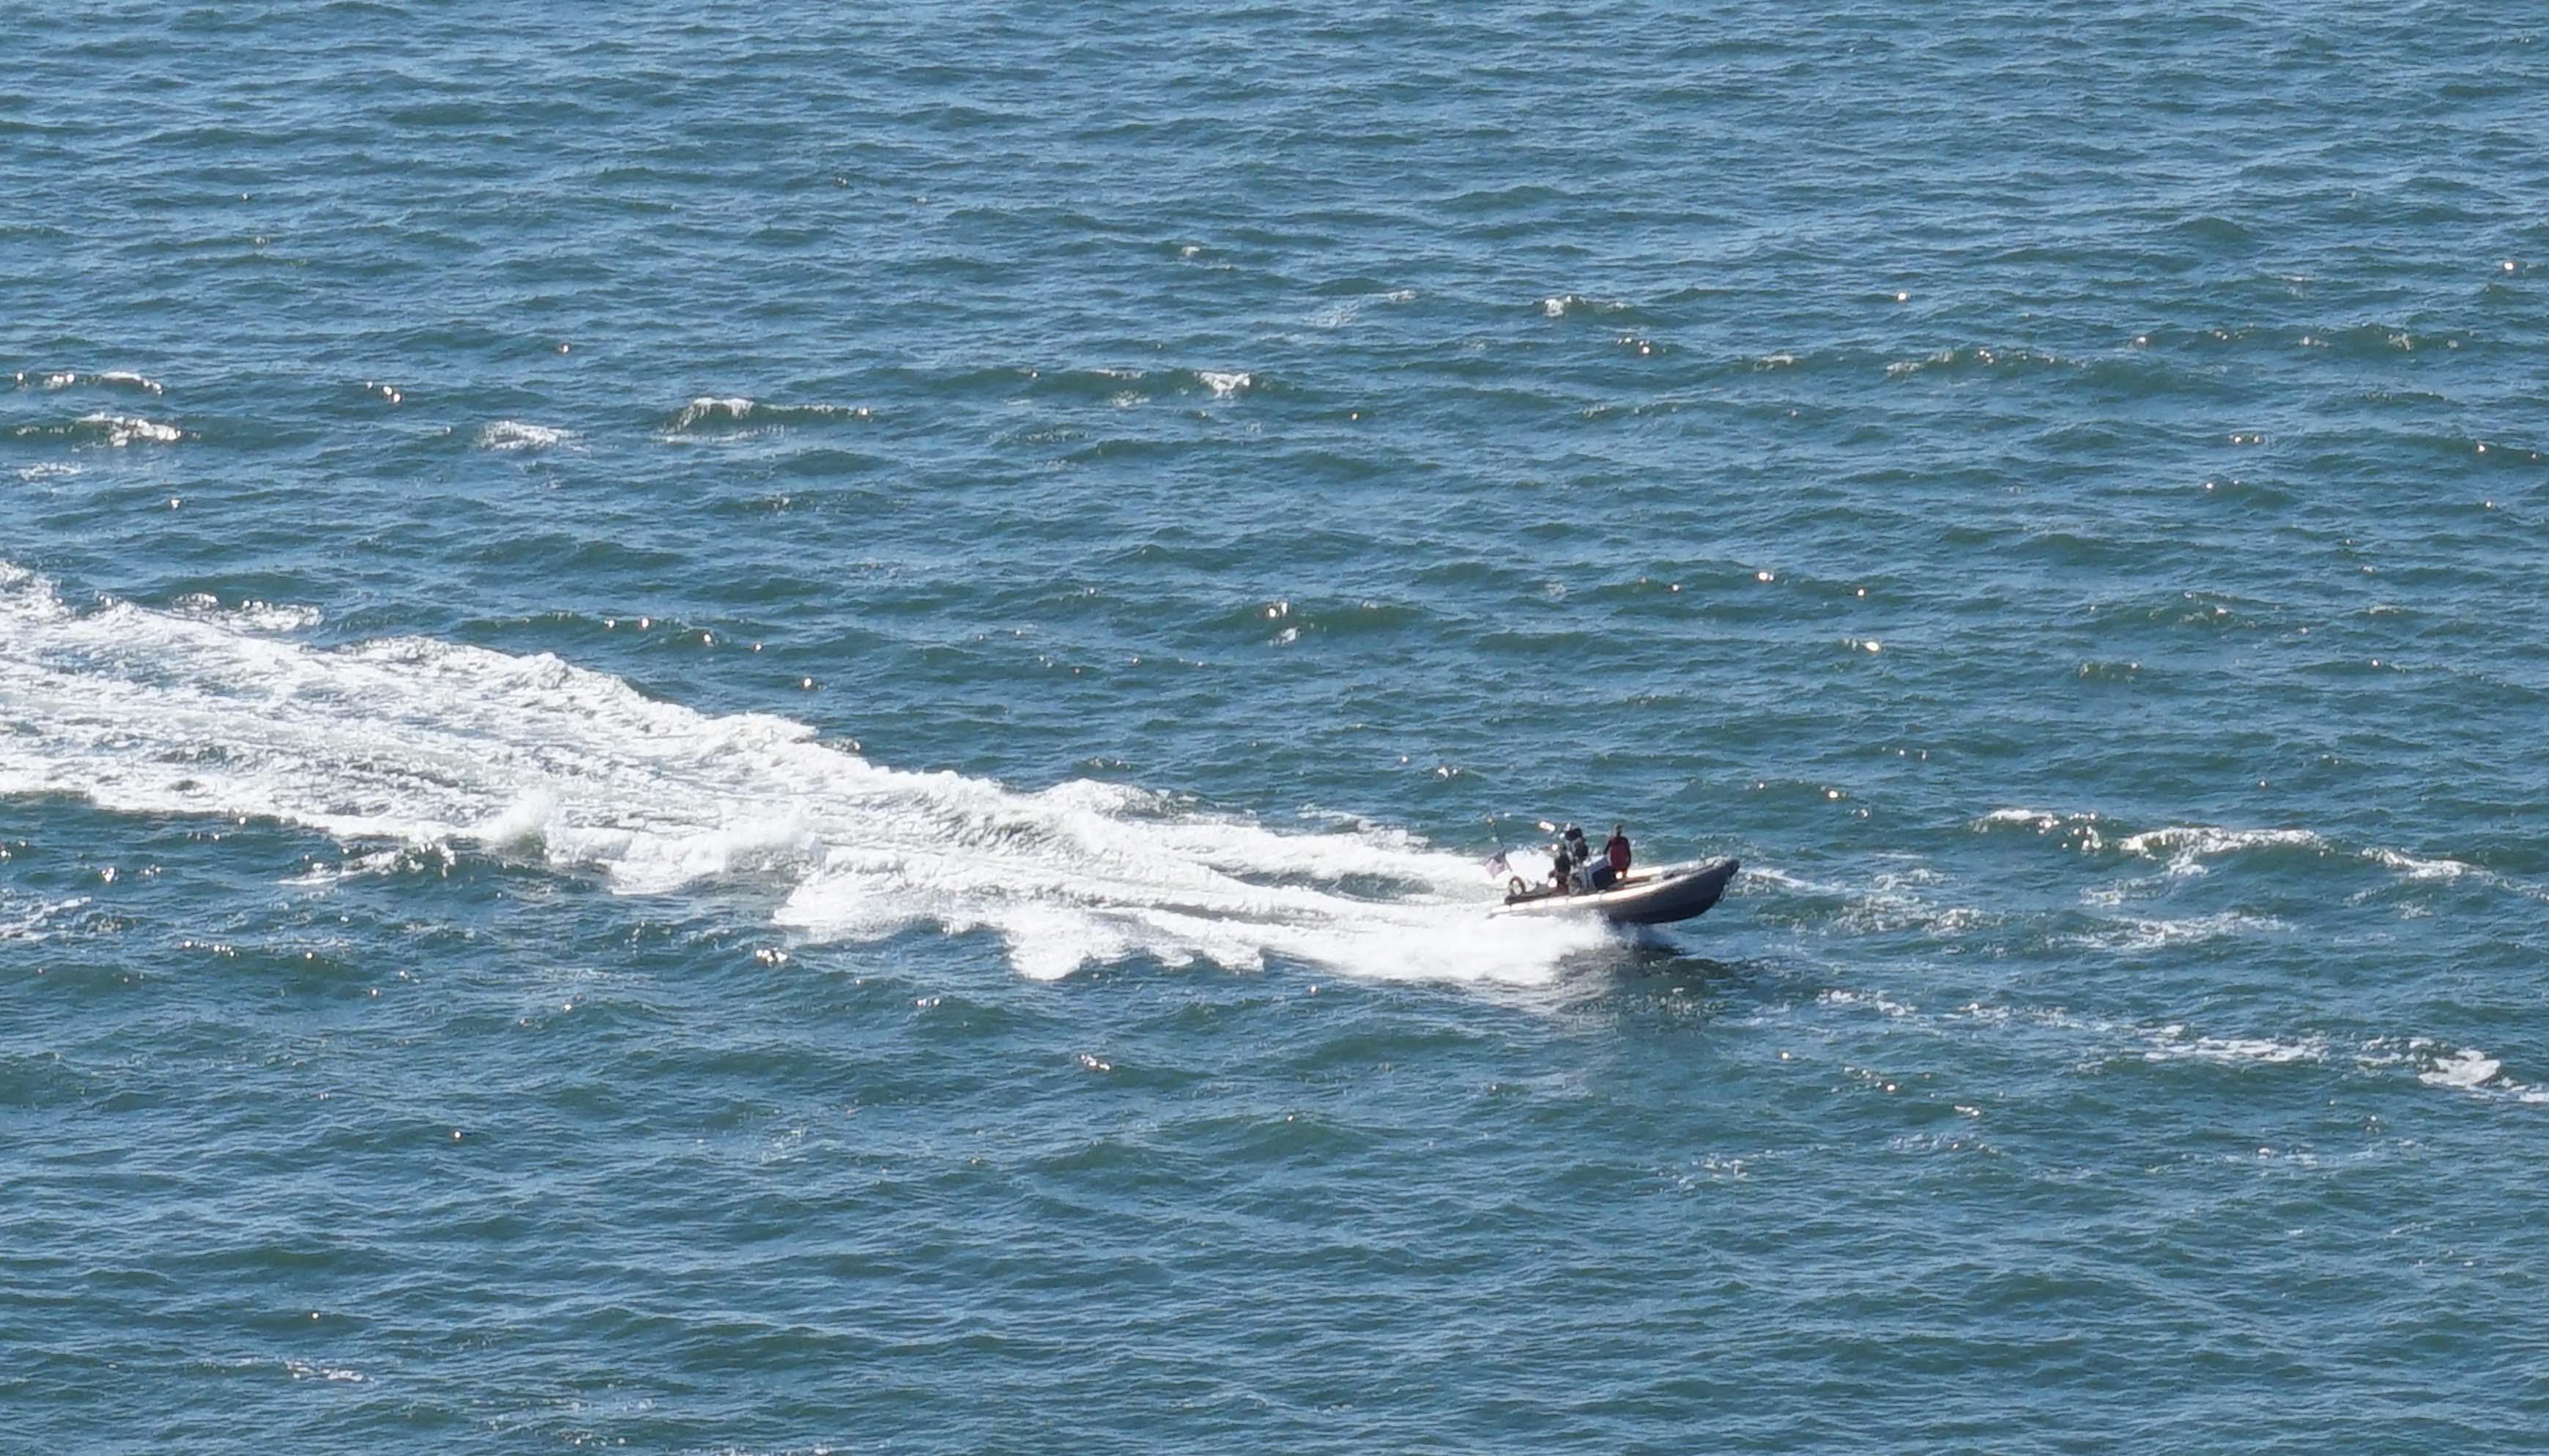 Rubber Coast Guard boat